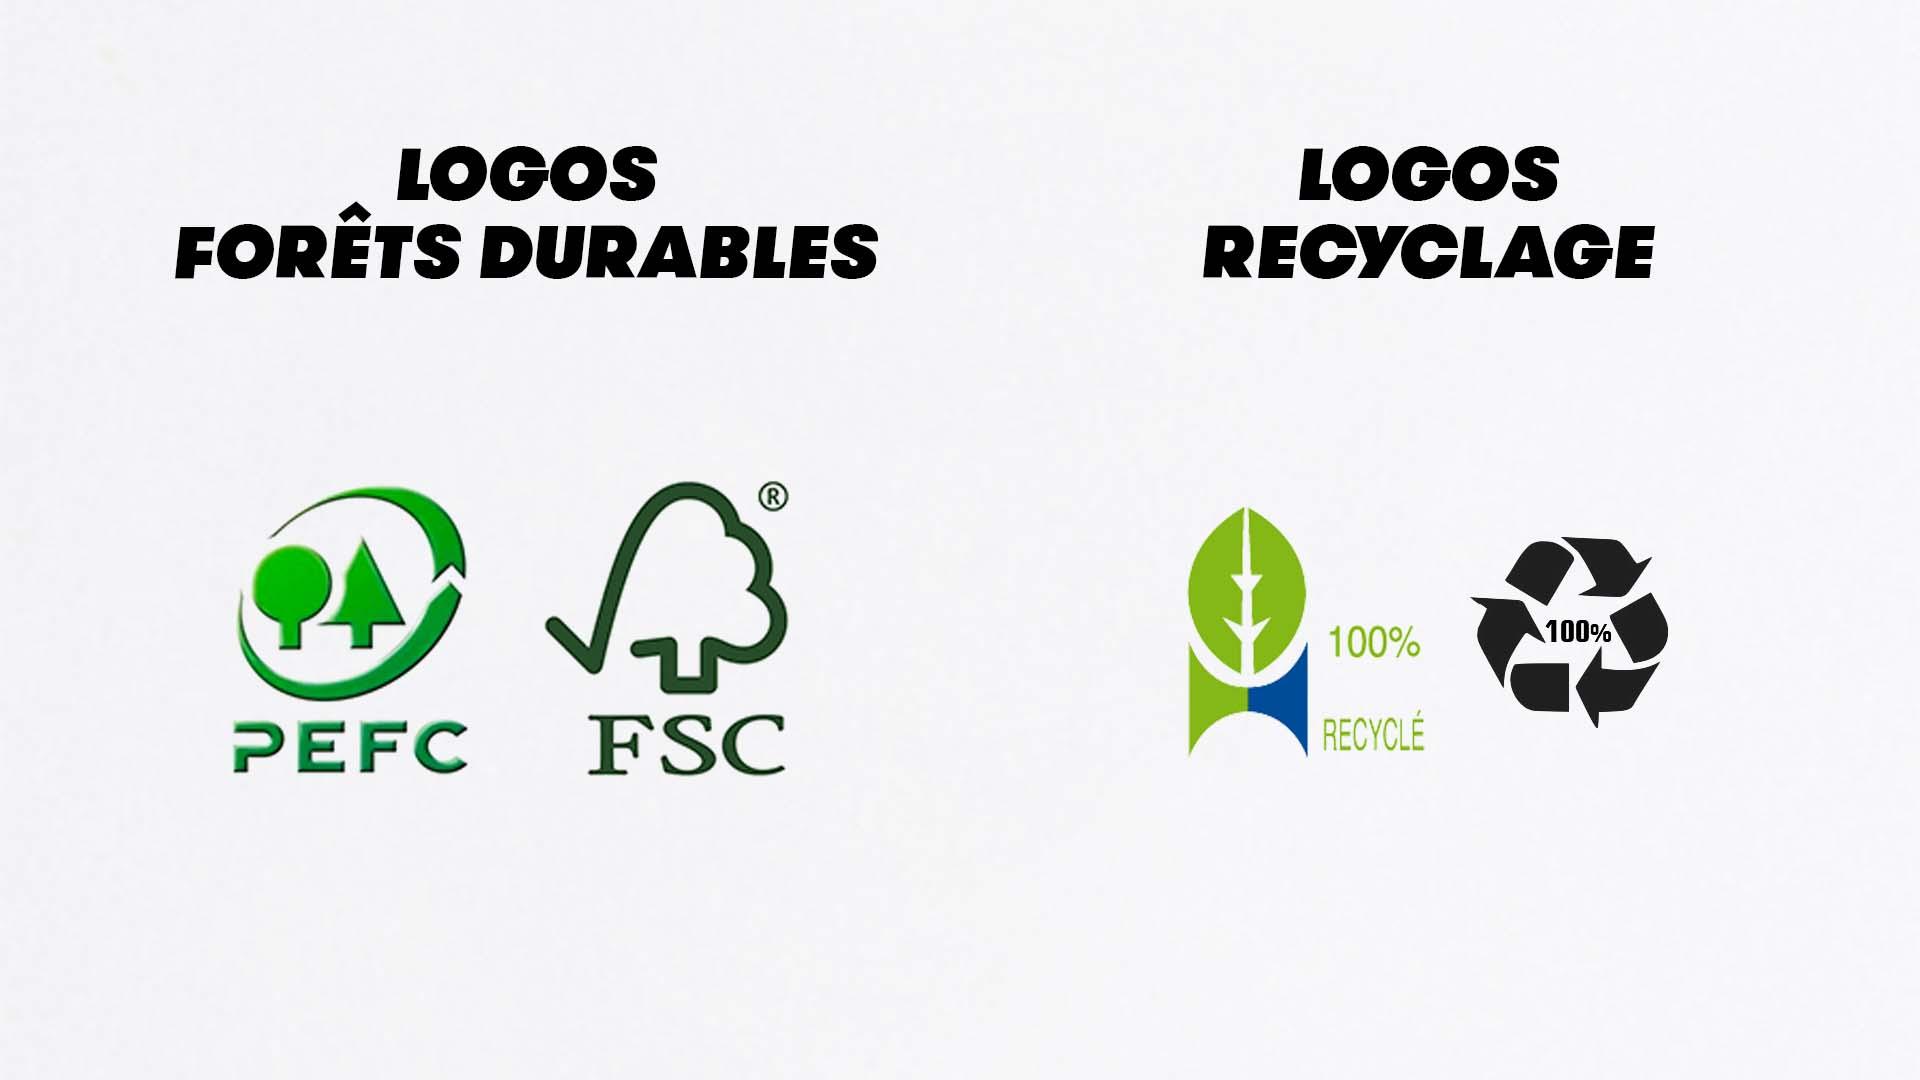 logo recyclage papier 100% recyclé forêts durables